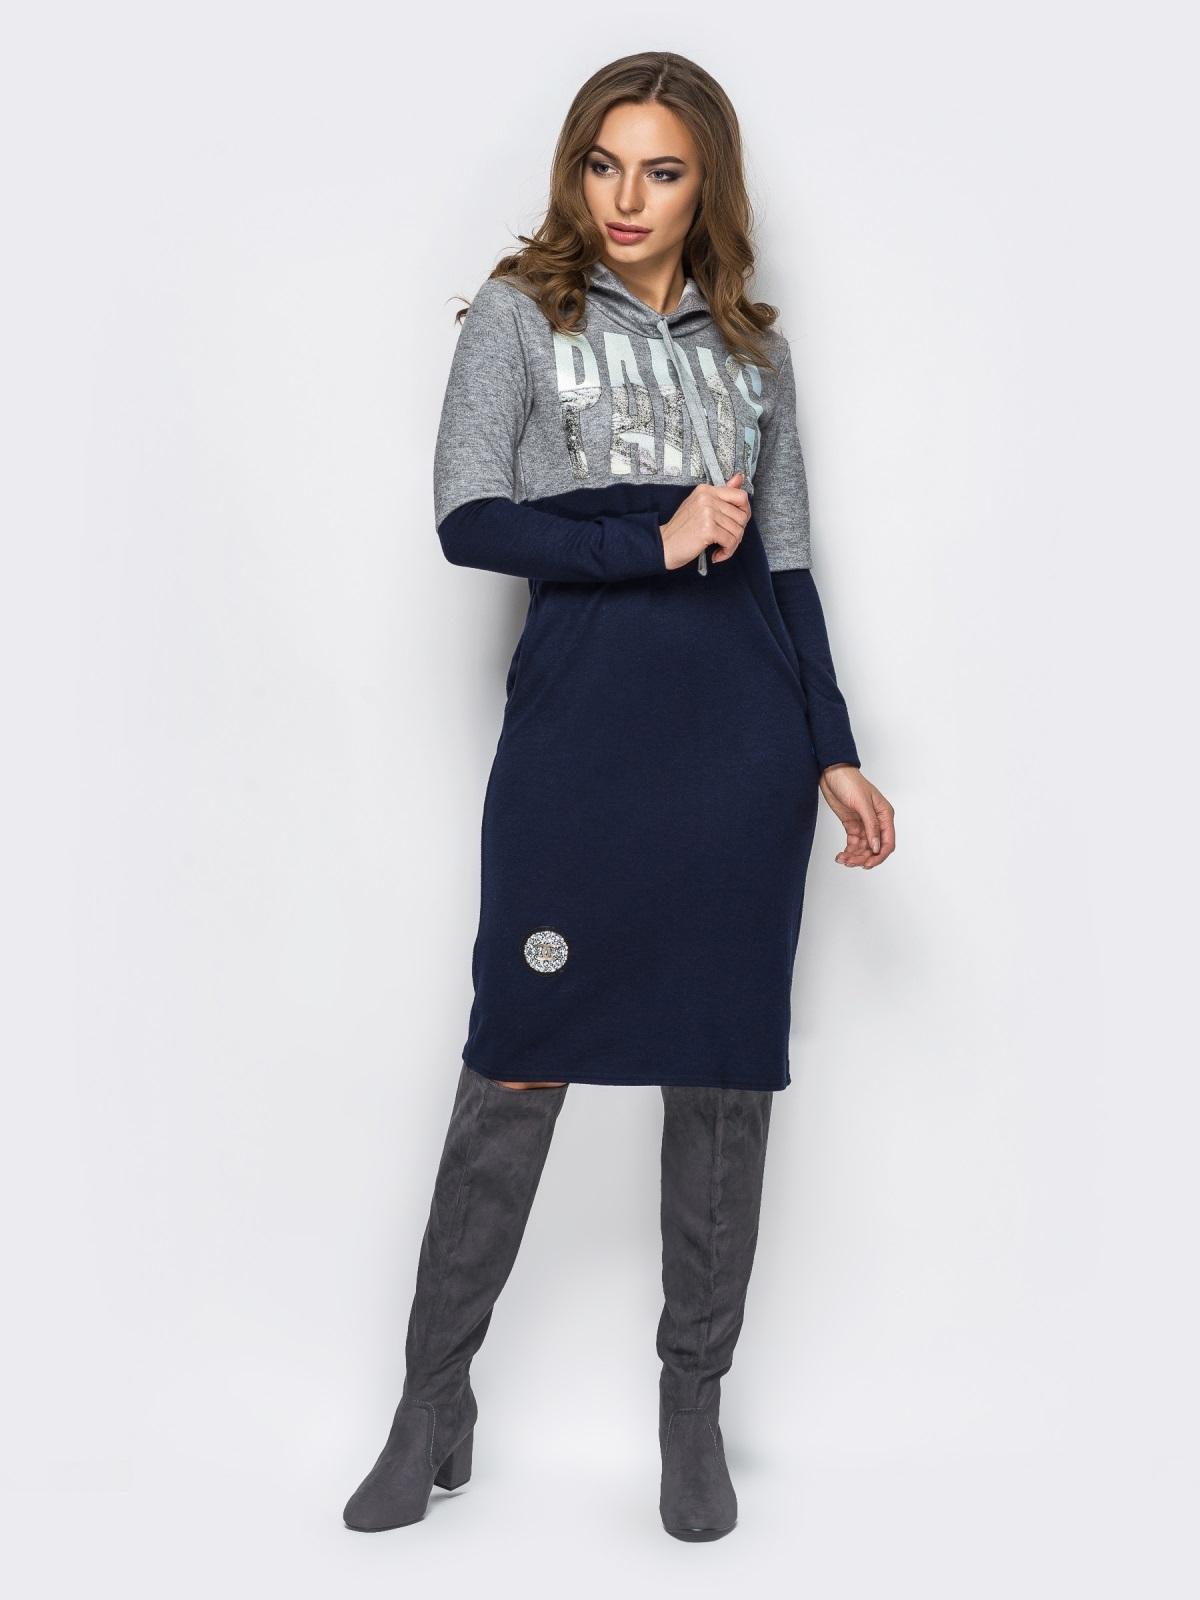 Контрастное тёмно-синее платье с капюшоном и карманами 13486, фото 1